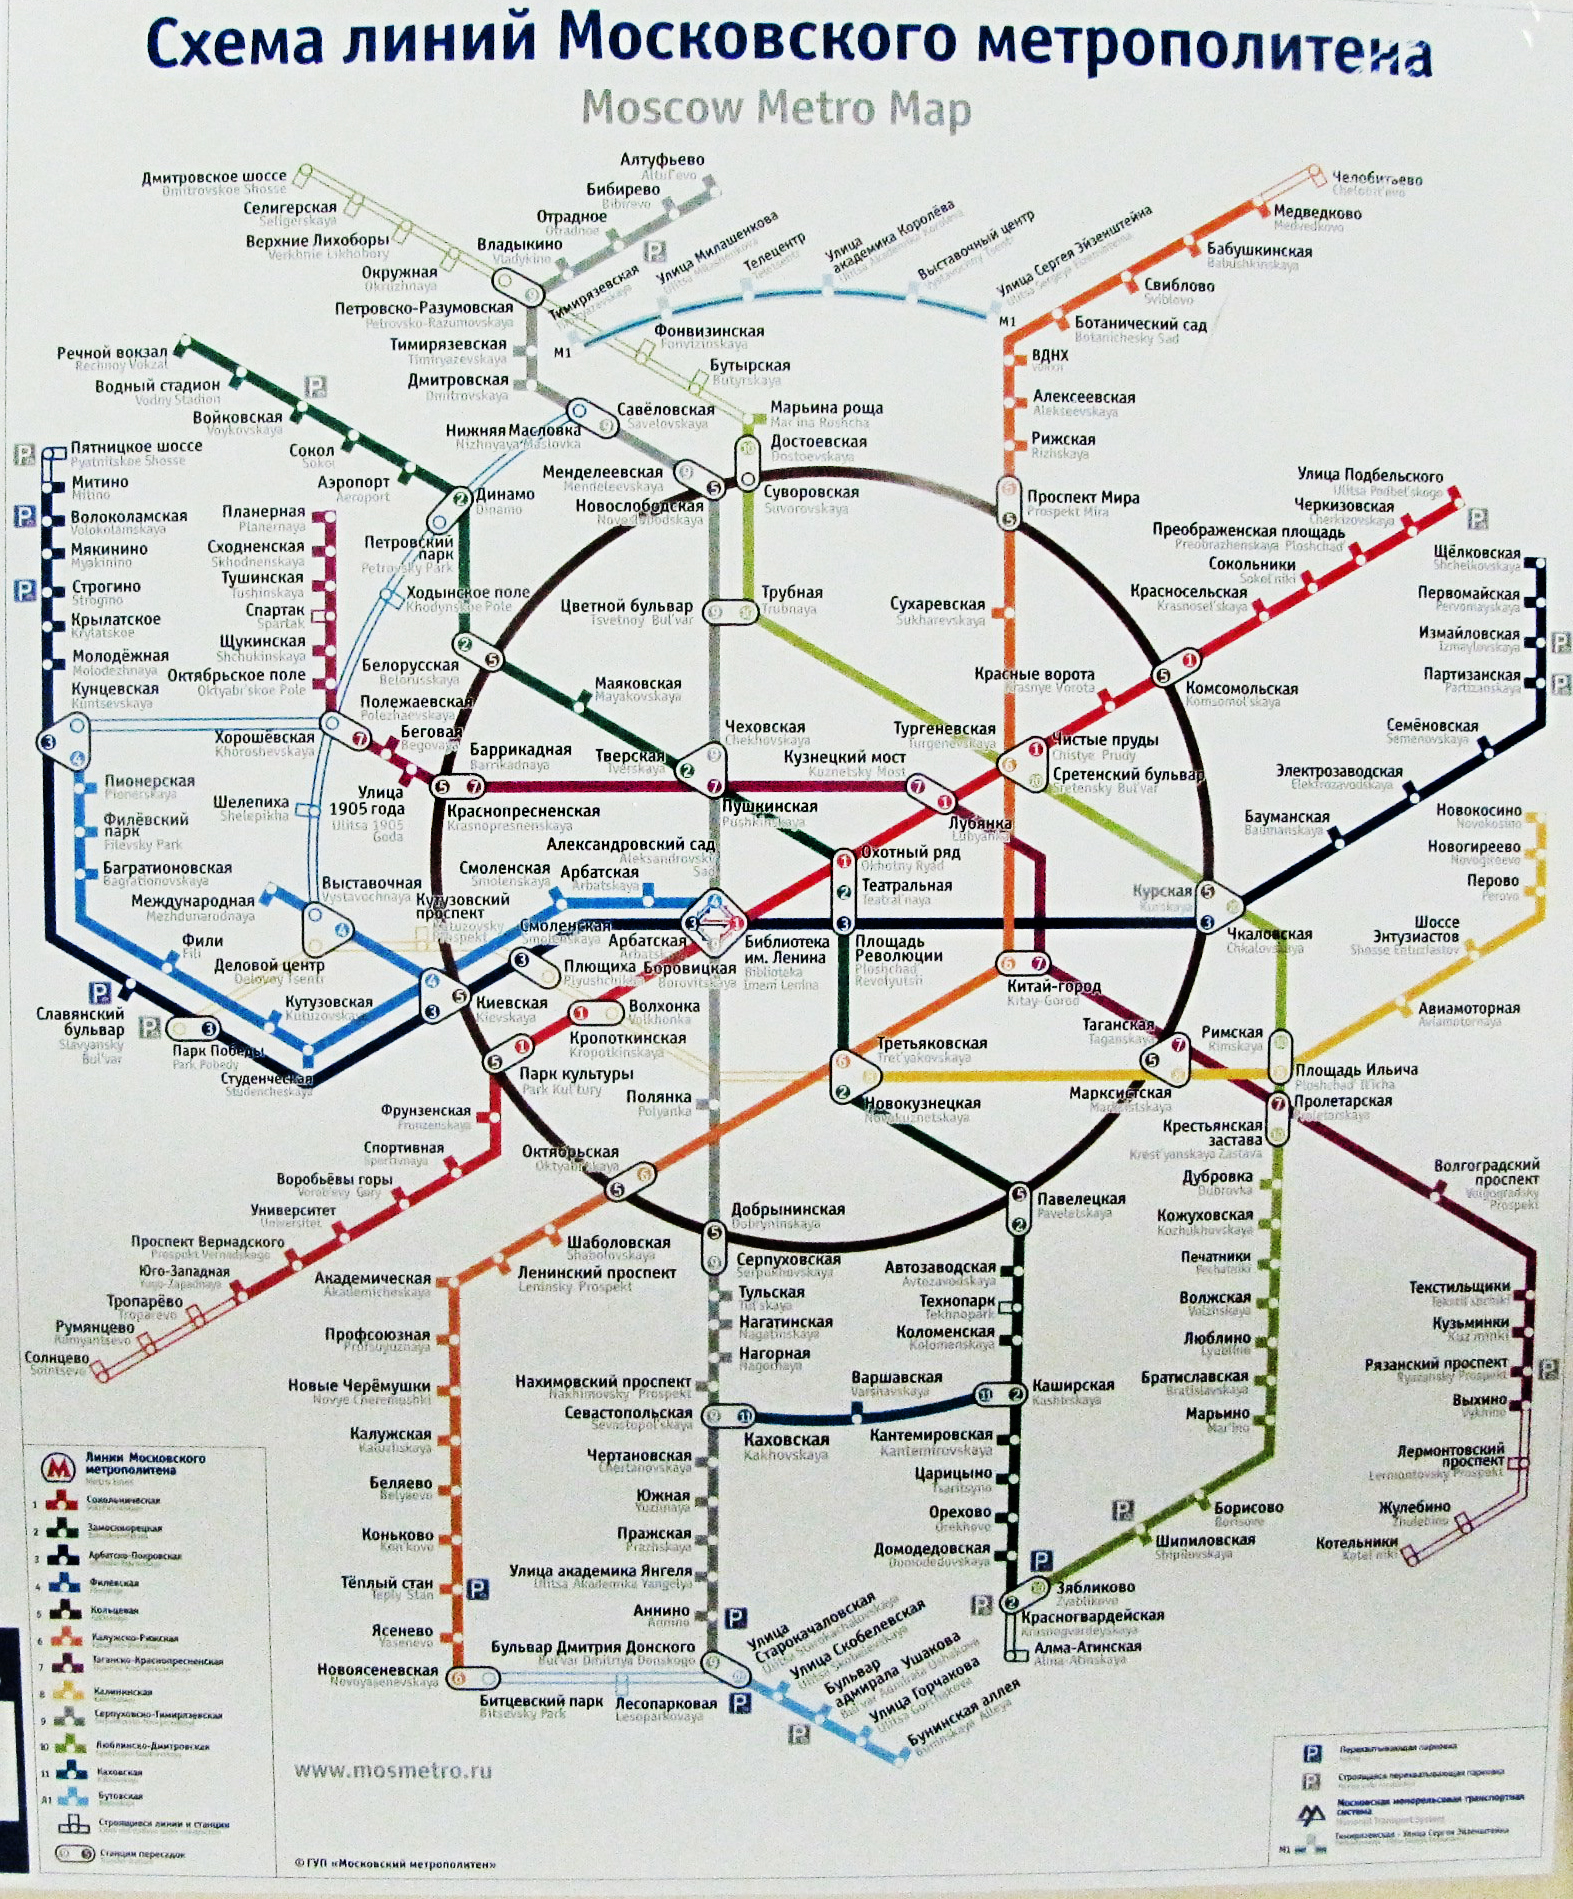 Новая схема московского метрополитена